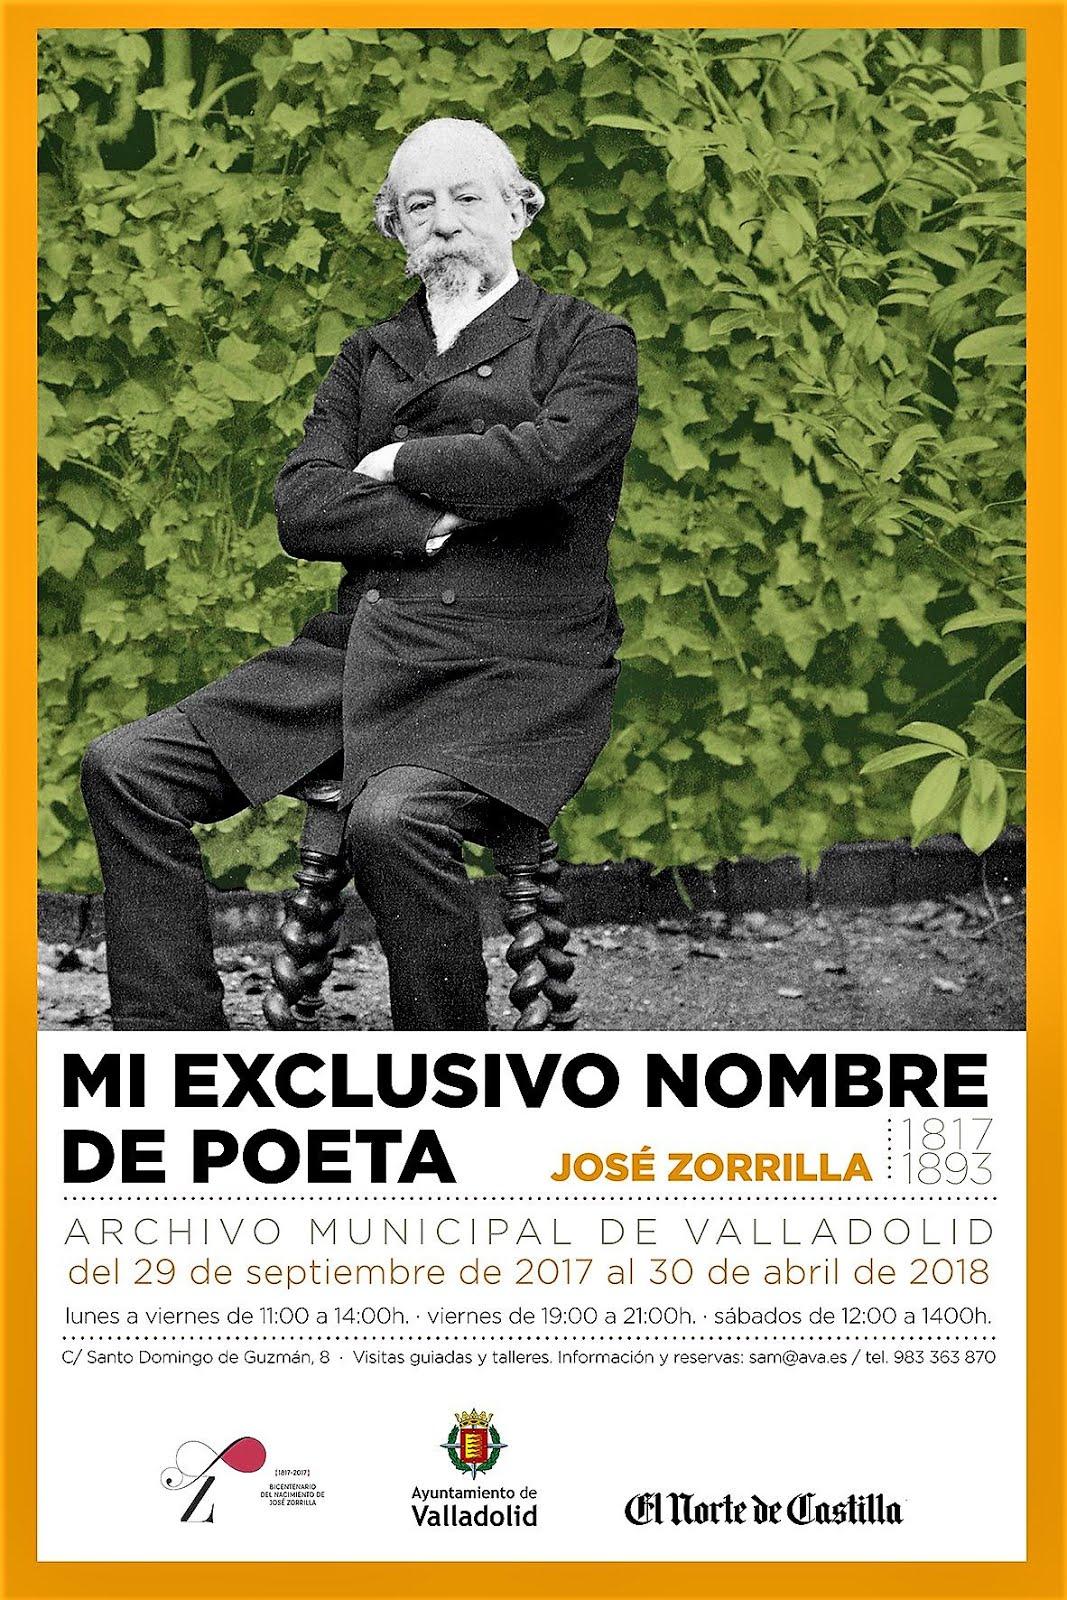 El miércoles 29 presentamos el catálogo de la exposición